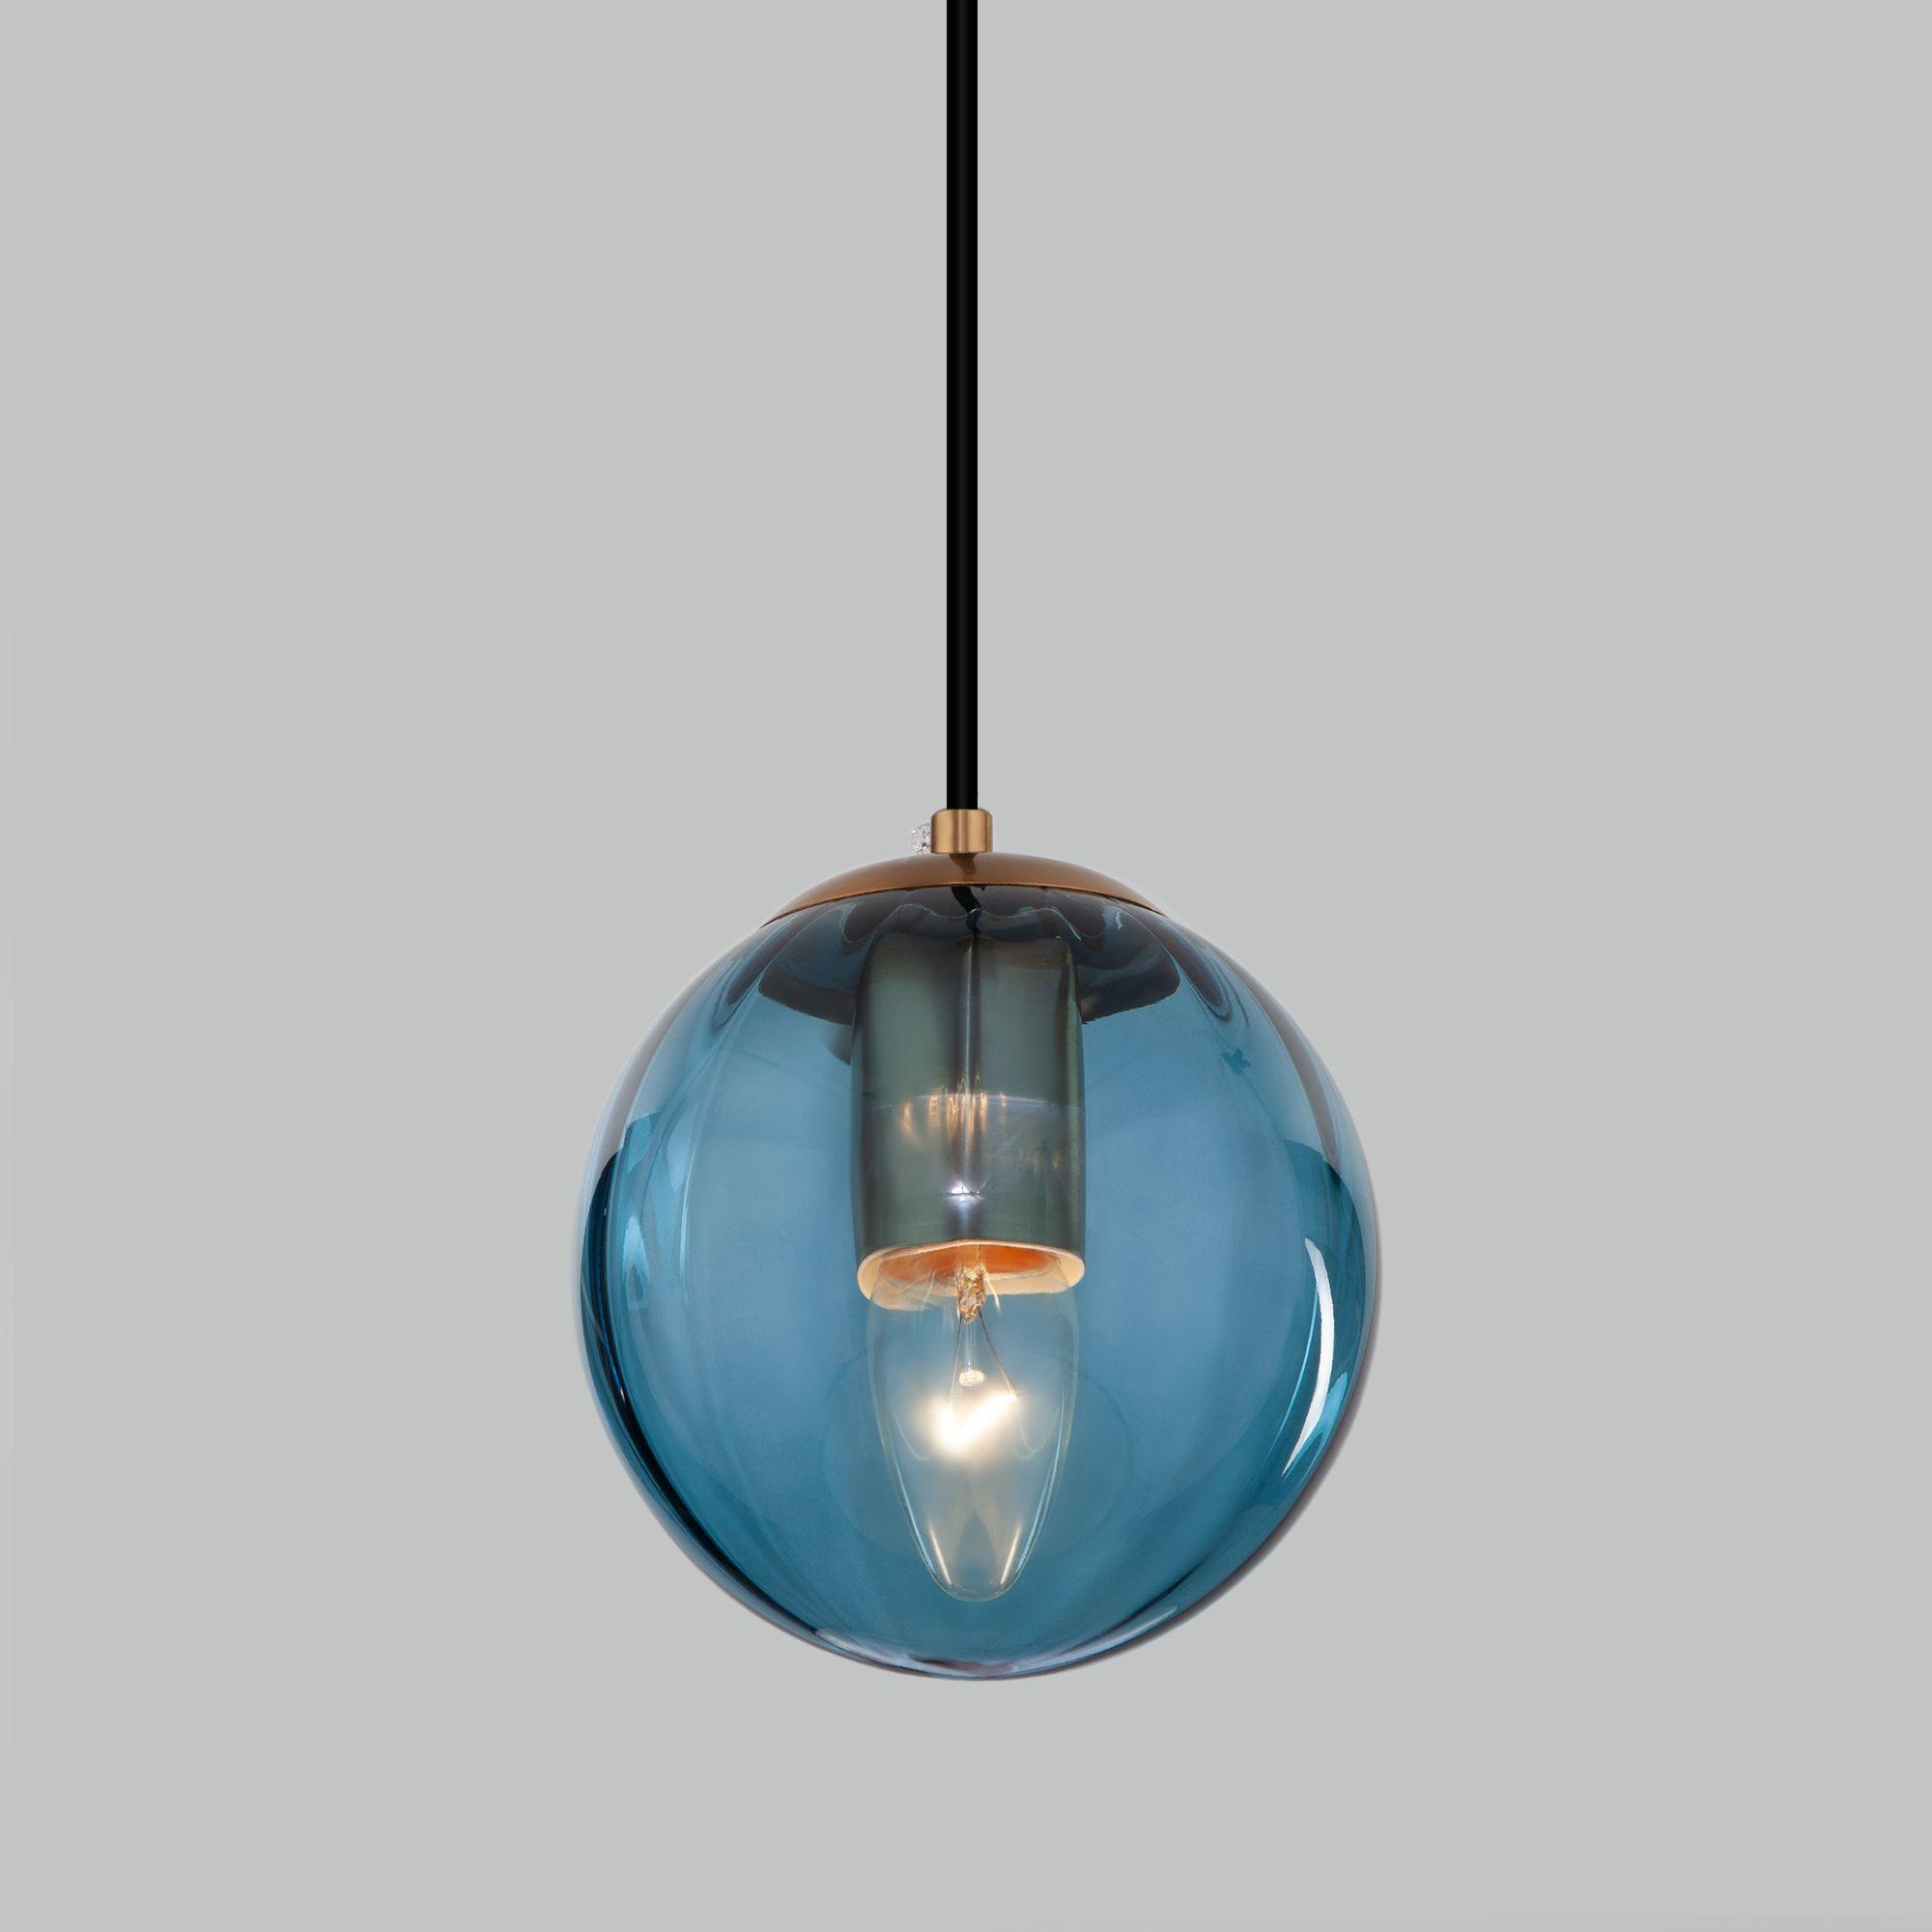 Подвесной светильник со стеклянным плафоном 50207/1 синий